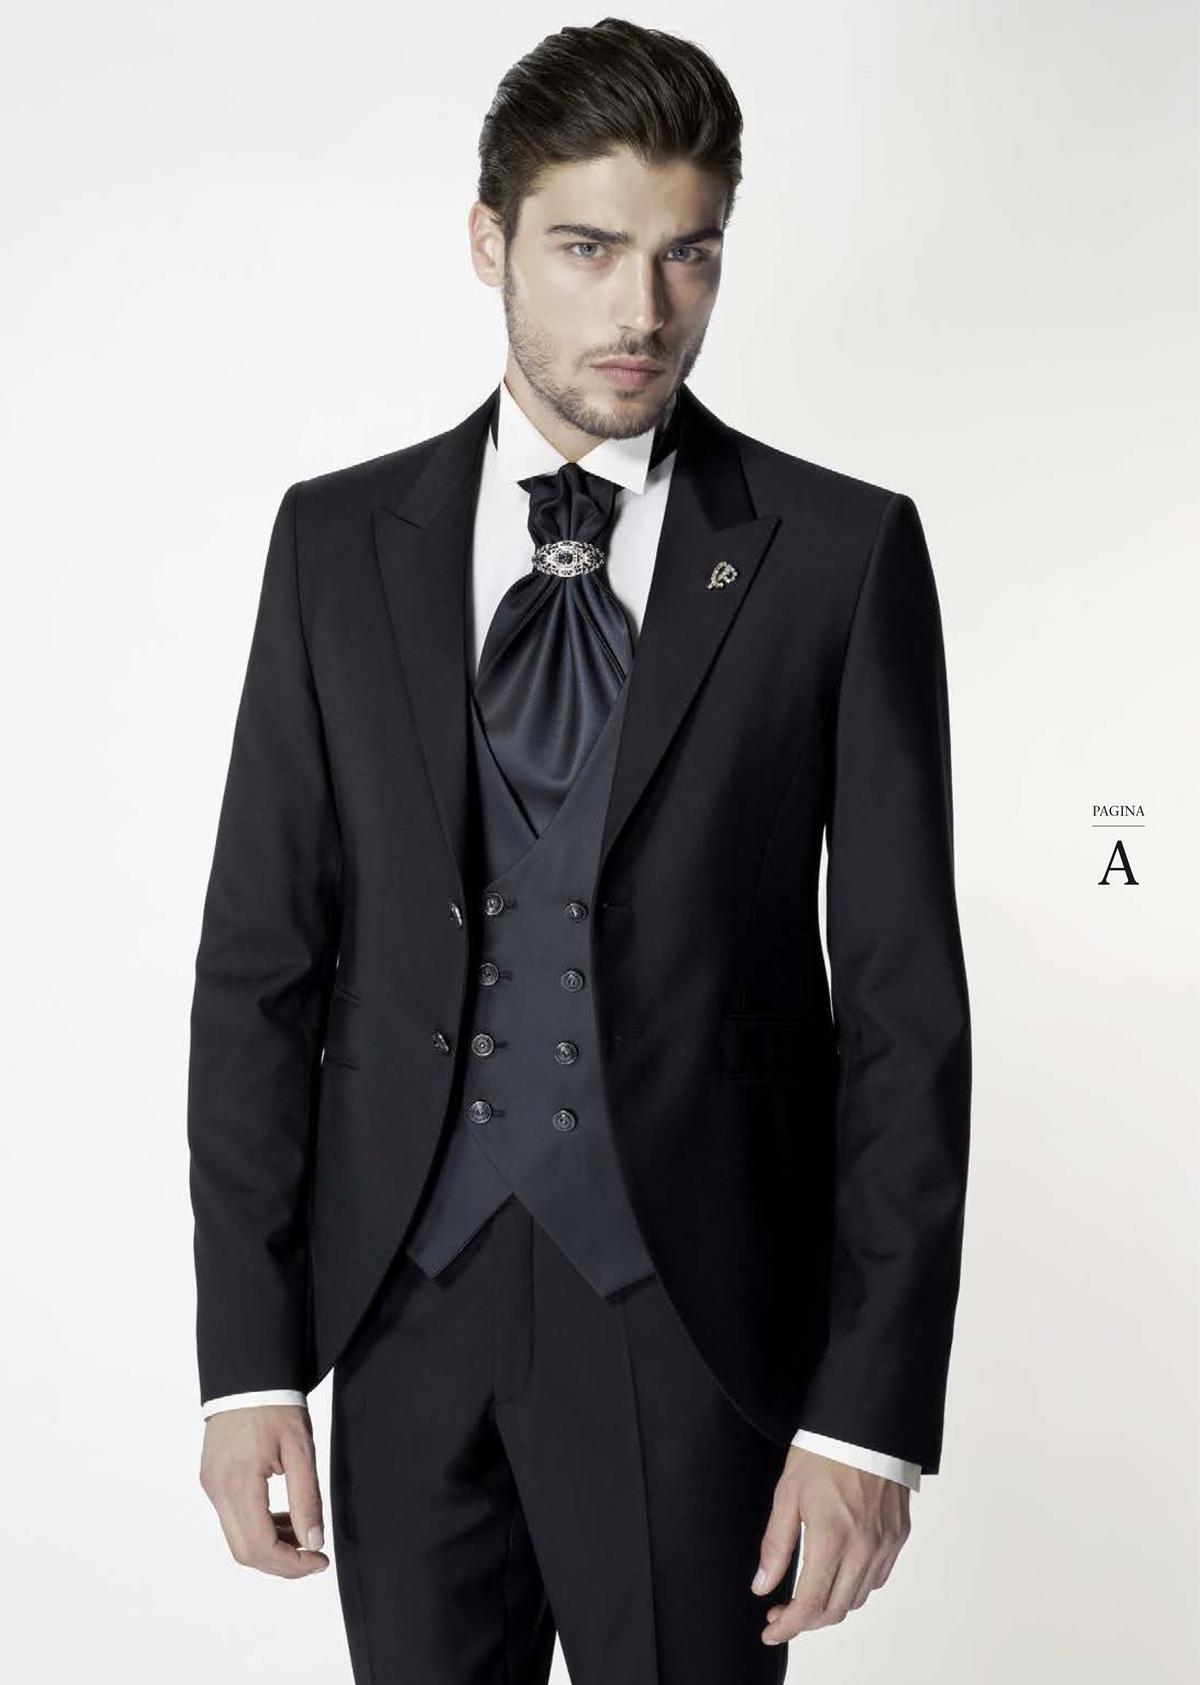 339dae6e1379 Guarda le immagini del catalogo Carlo Pignatelli. Se desideri indossare un  abito richiedi un appuntamento presso il nostro showroom a Cosenza.